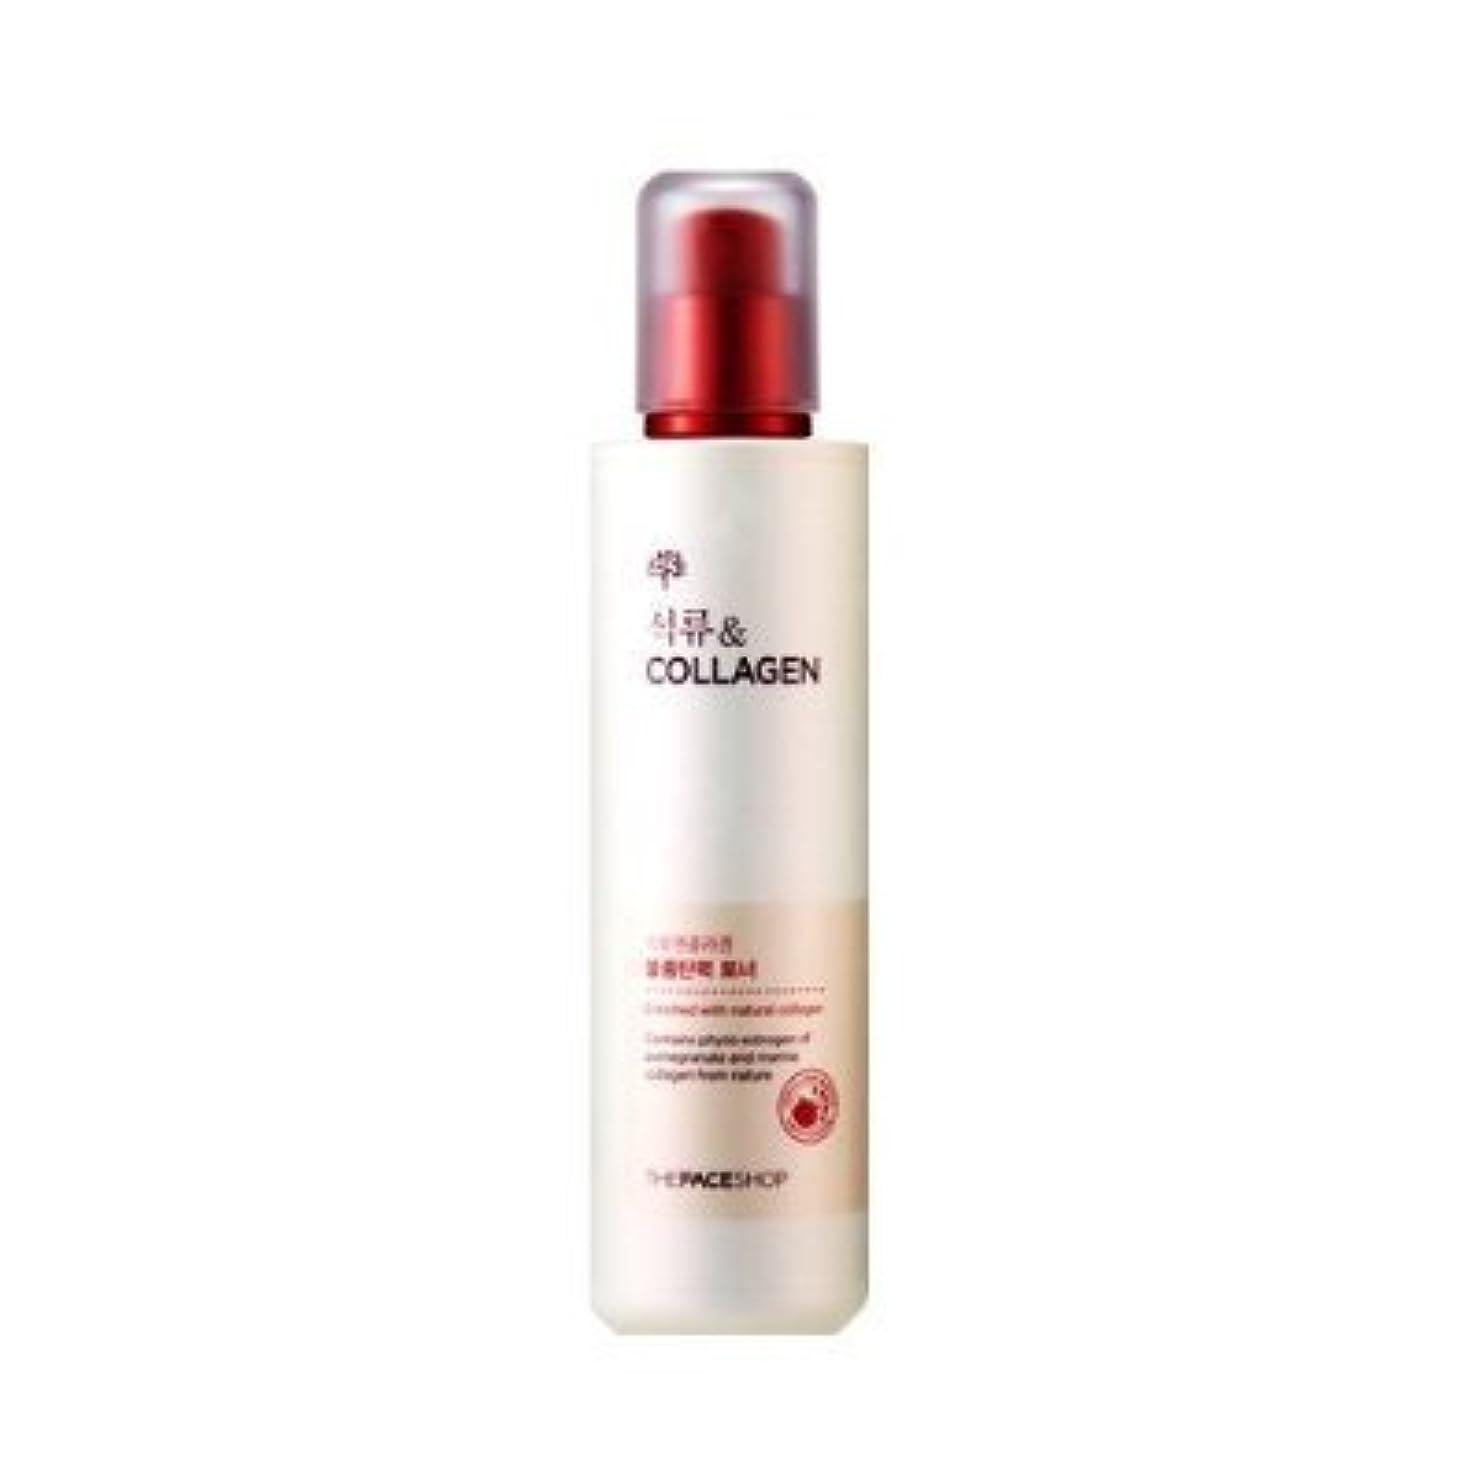 クレーター赤字忘れるThe face Shop Pomegranate and Collagen Volume Lifting Toner 160ml